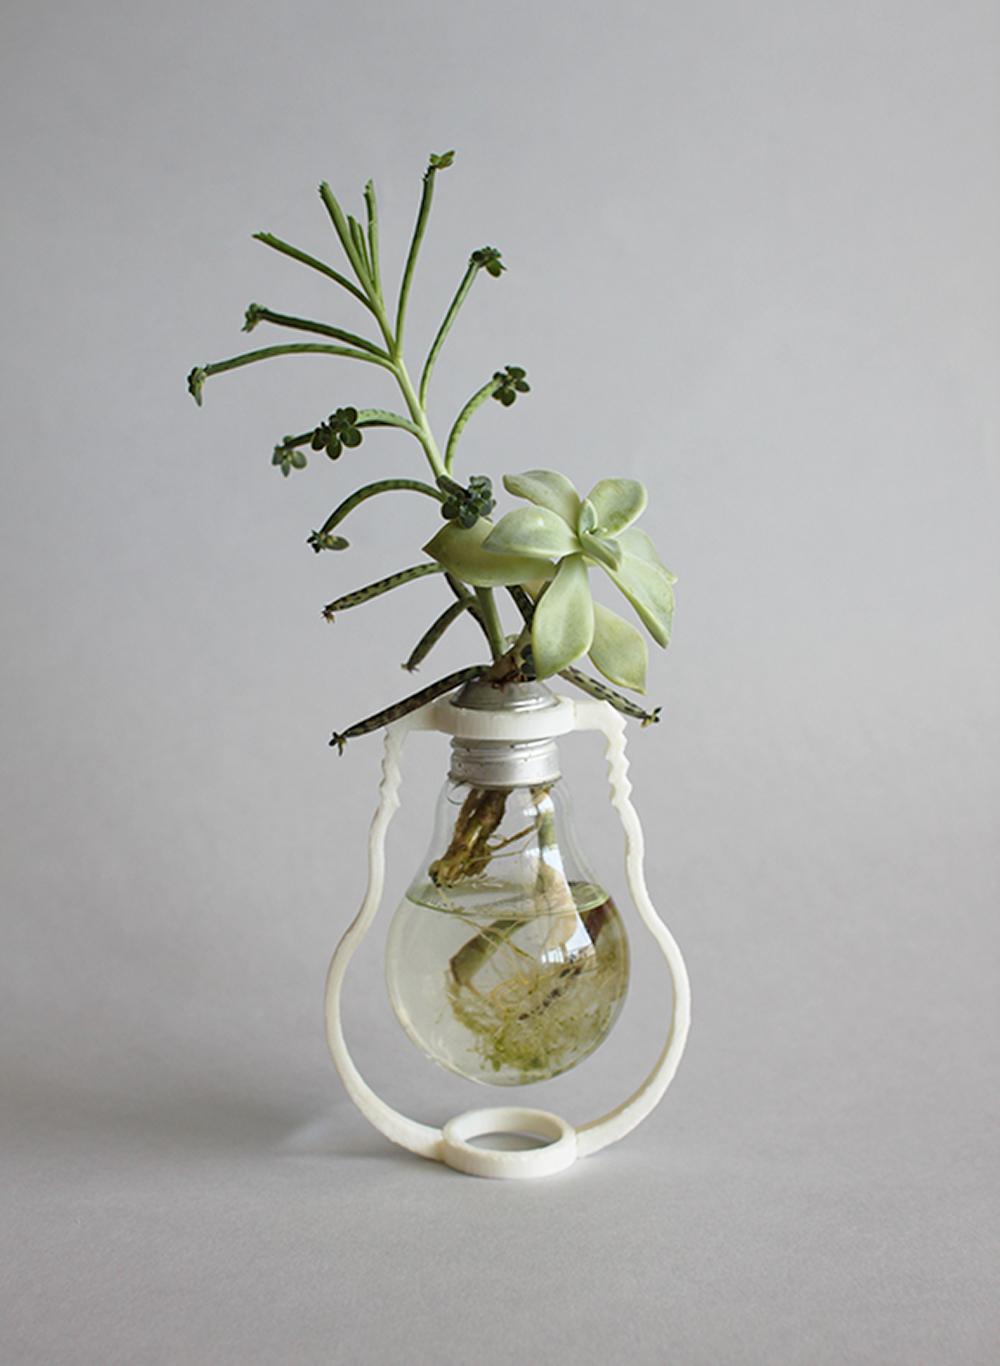 קרן סינגר העניקה חיים חדשים לנורה השרופה שהופכת לכלי קיבול לצמח כאקט של חיים שלאחר המוות